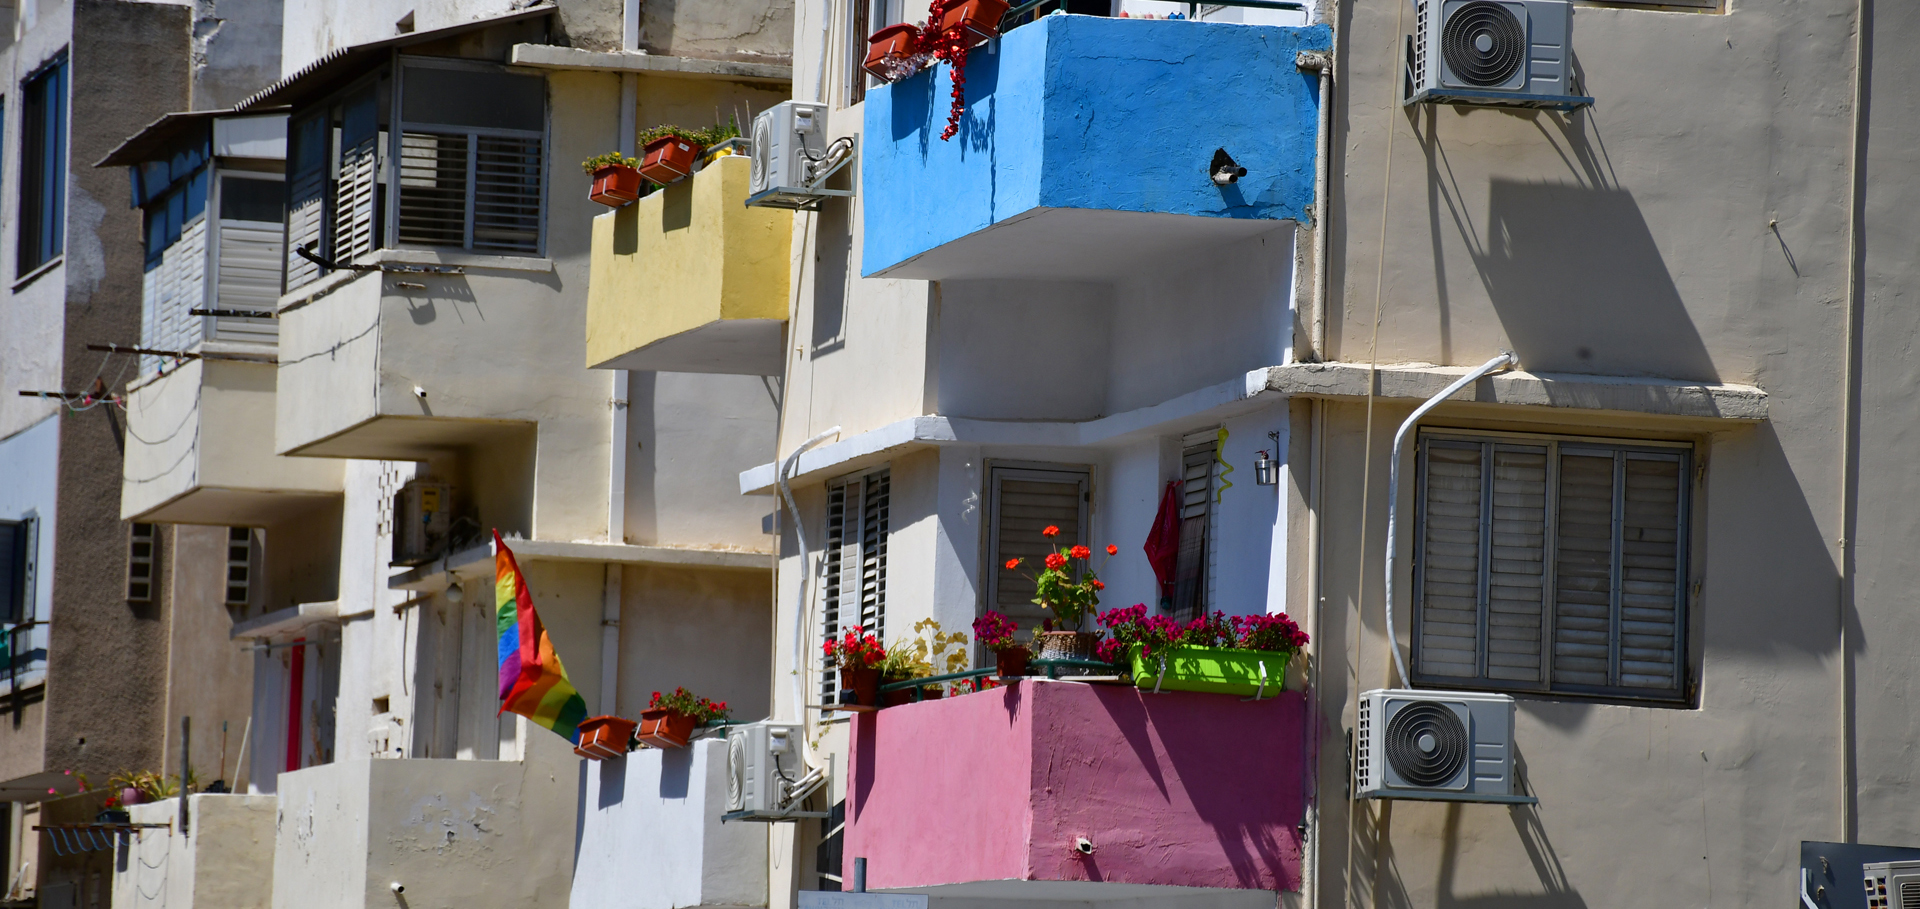 רחוב הנשמות הטהורות - העיר הלבנה - תל אביב - יואל שתרוג - אדמה יוצרת - yoel sitruk